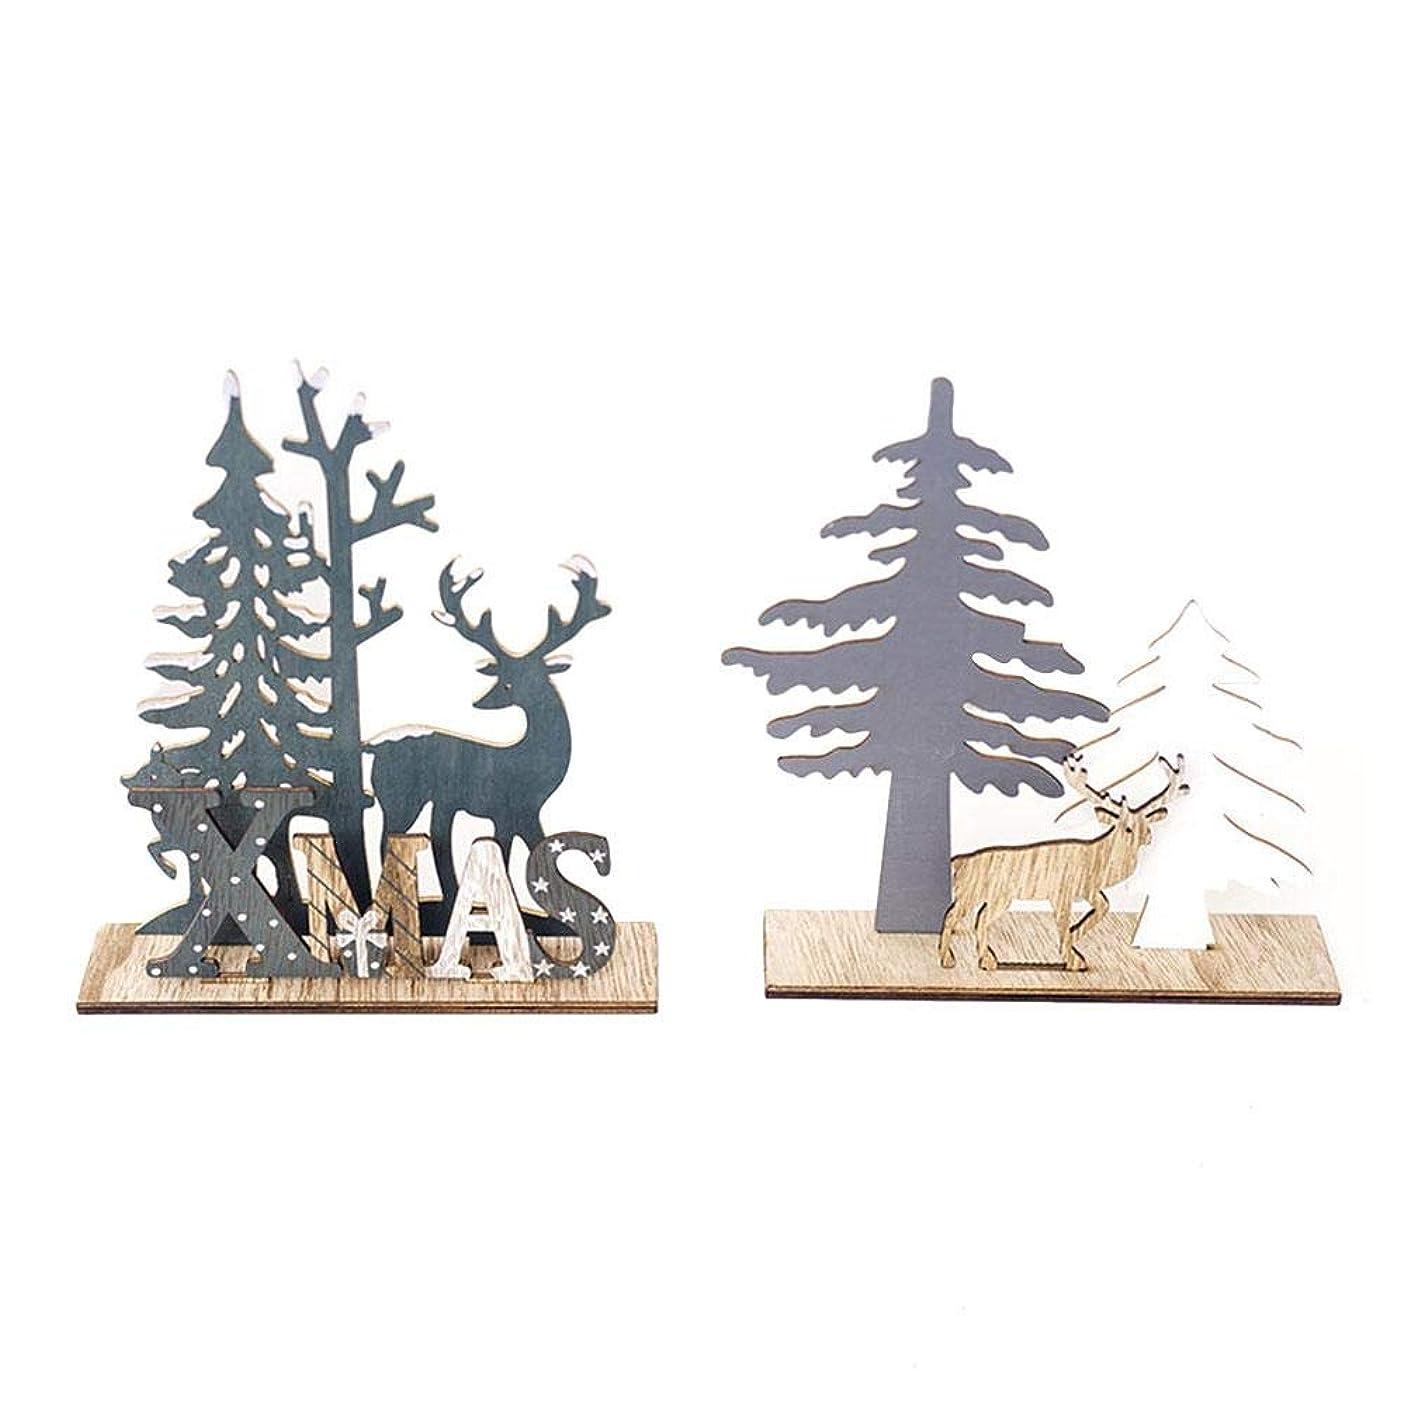 構成員礼拝成功した最新型 クリスマス飾り クリスマスツリー 飾り 卓上 木製 可愛い 誕生日 結婚式 パーティー装飾 インテリア 雰囲気満載